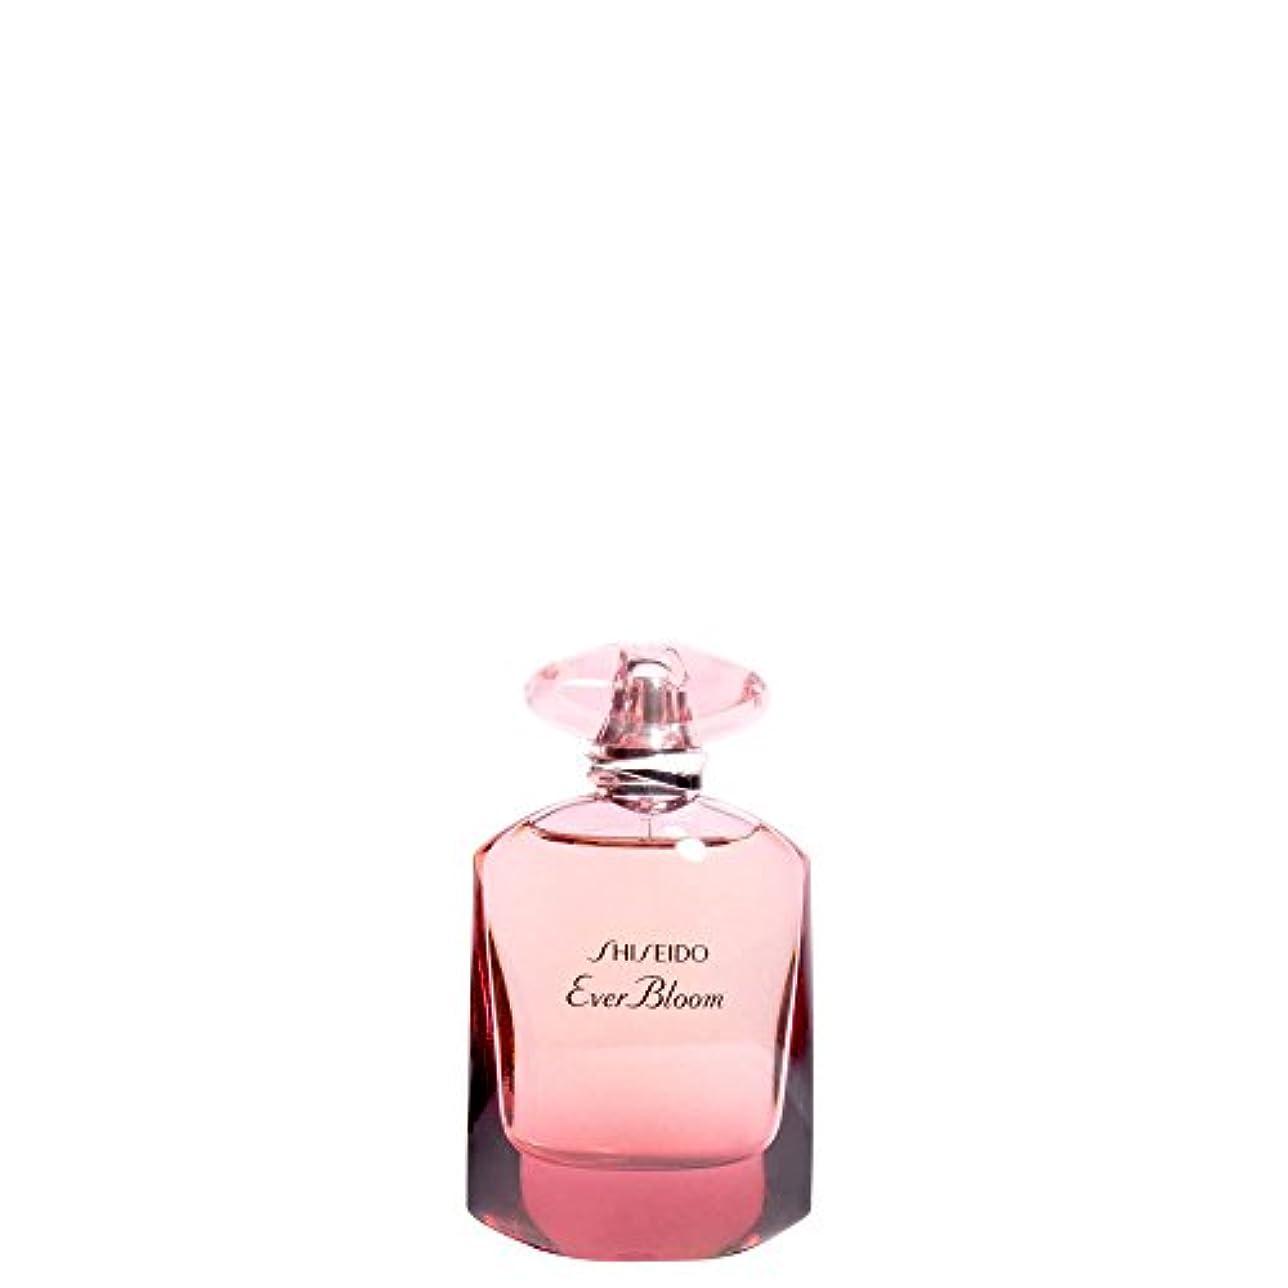 抵抗わずかな鎮痛剤資生堂 Ever Bloom Ginza Flower Eau De Parfum Spray 50ml/1.7oz並行輸入品